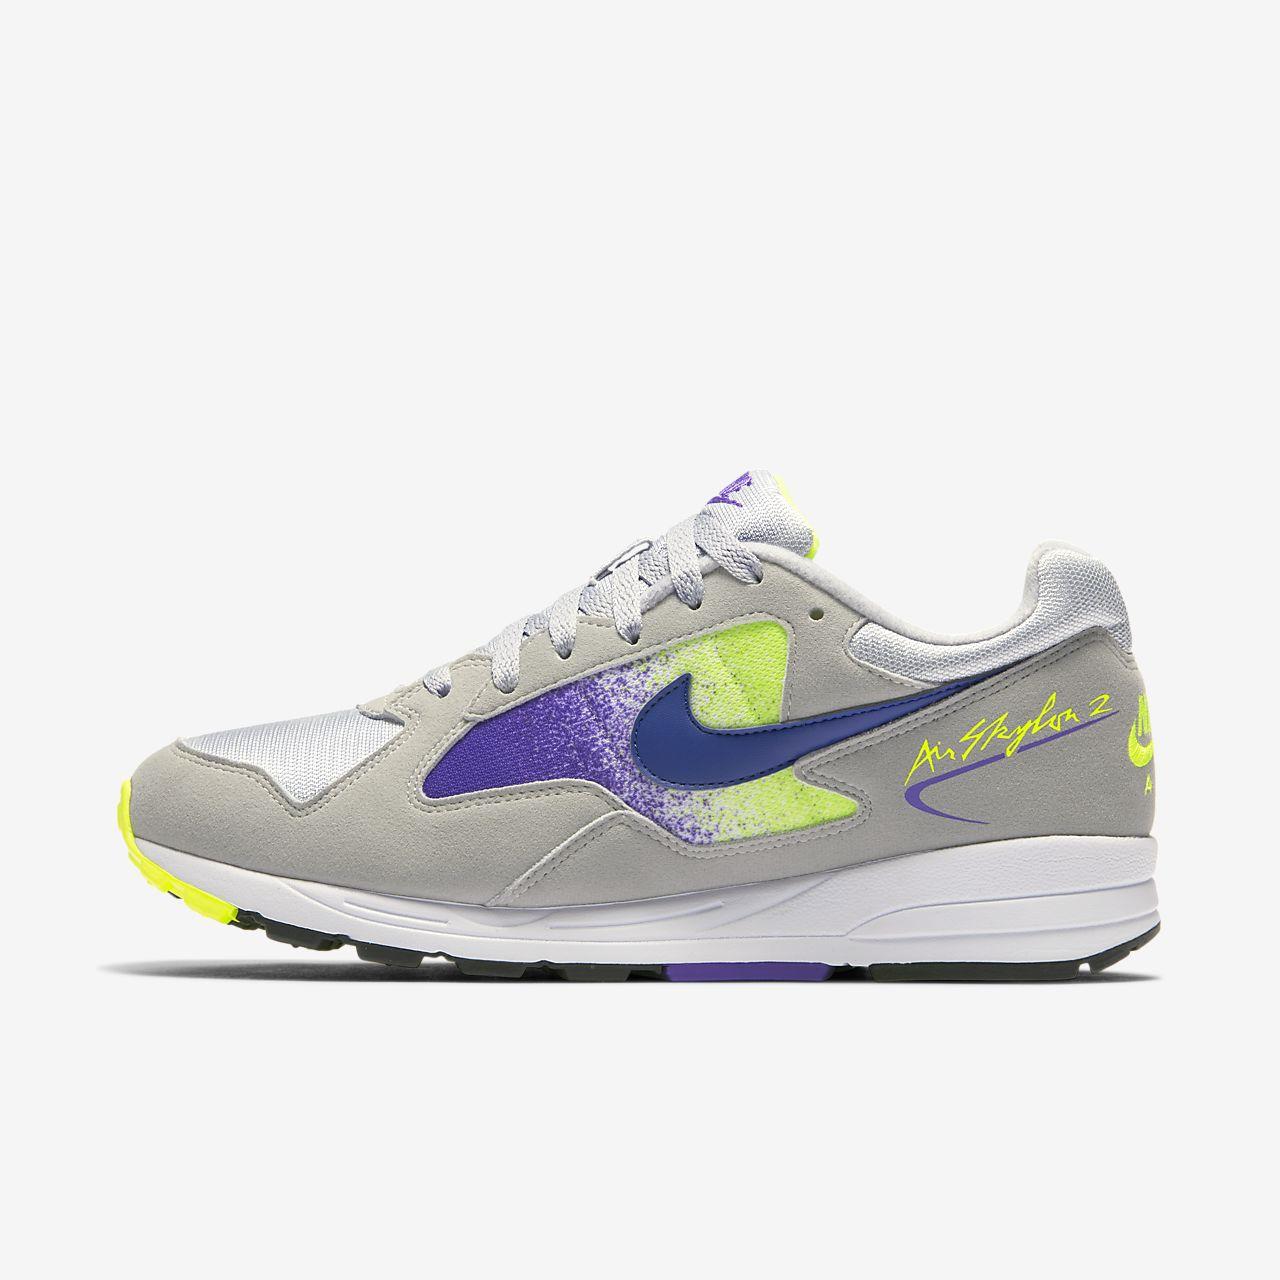 Chaussure Nike Air Skylon II pour Homme